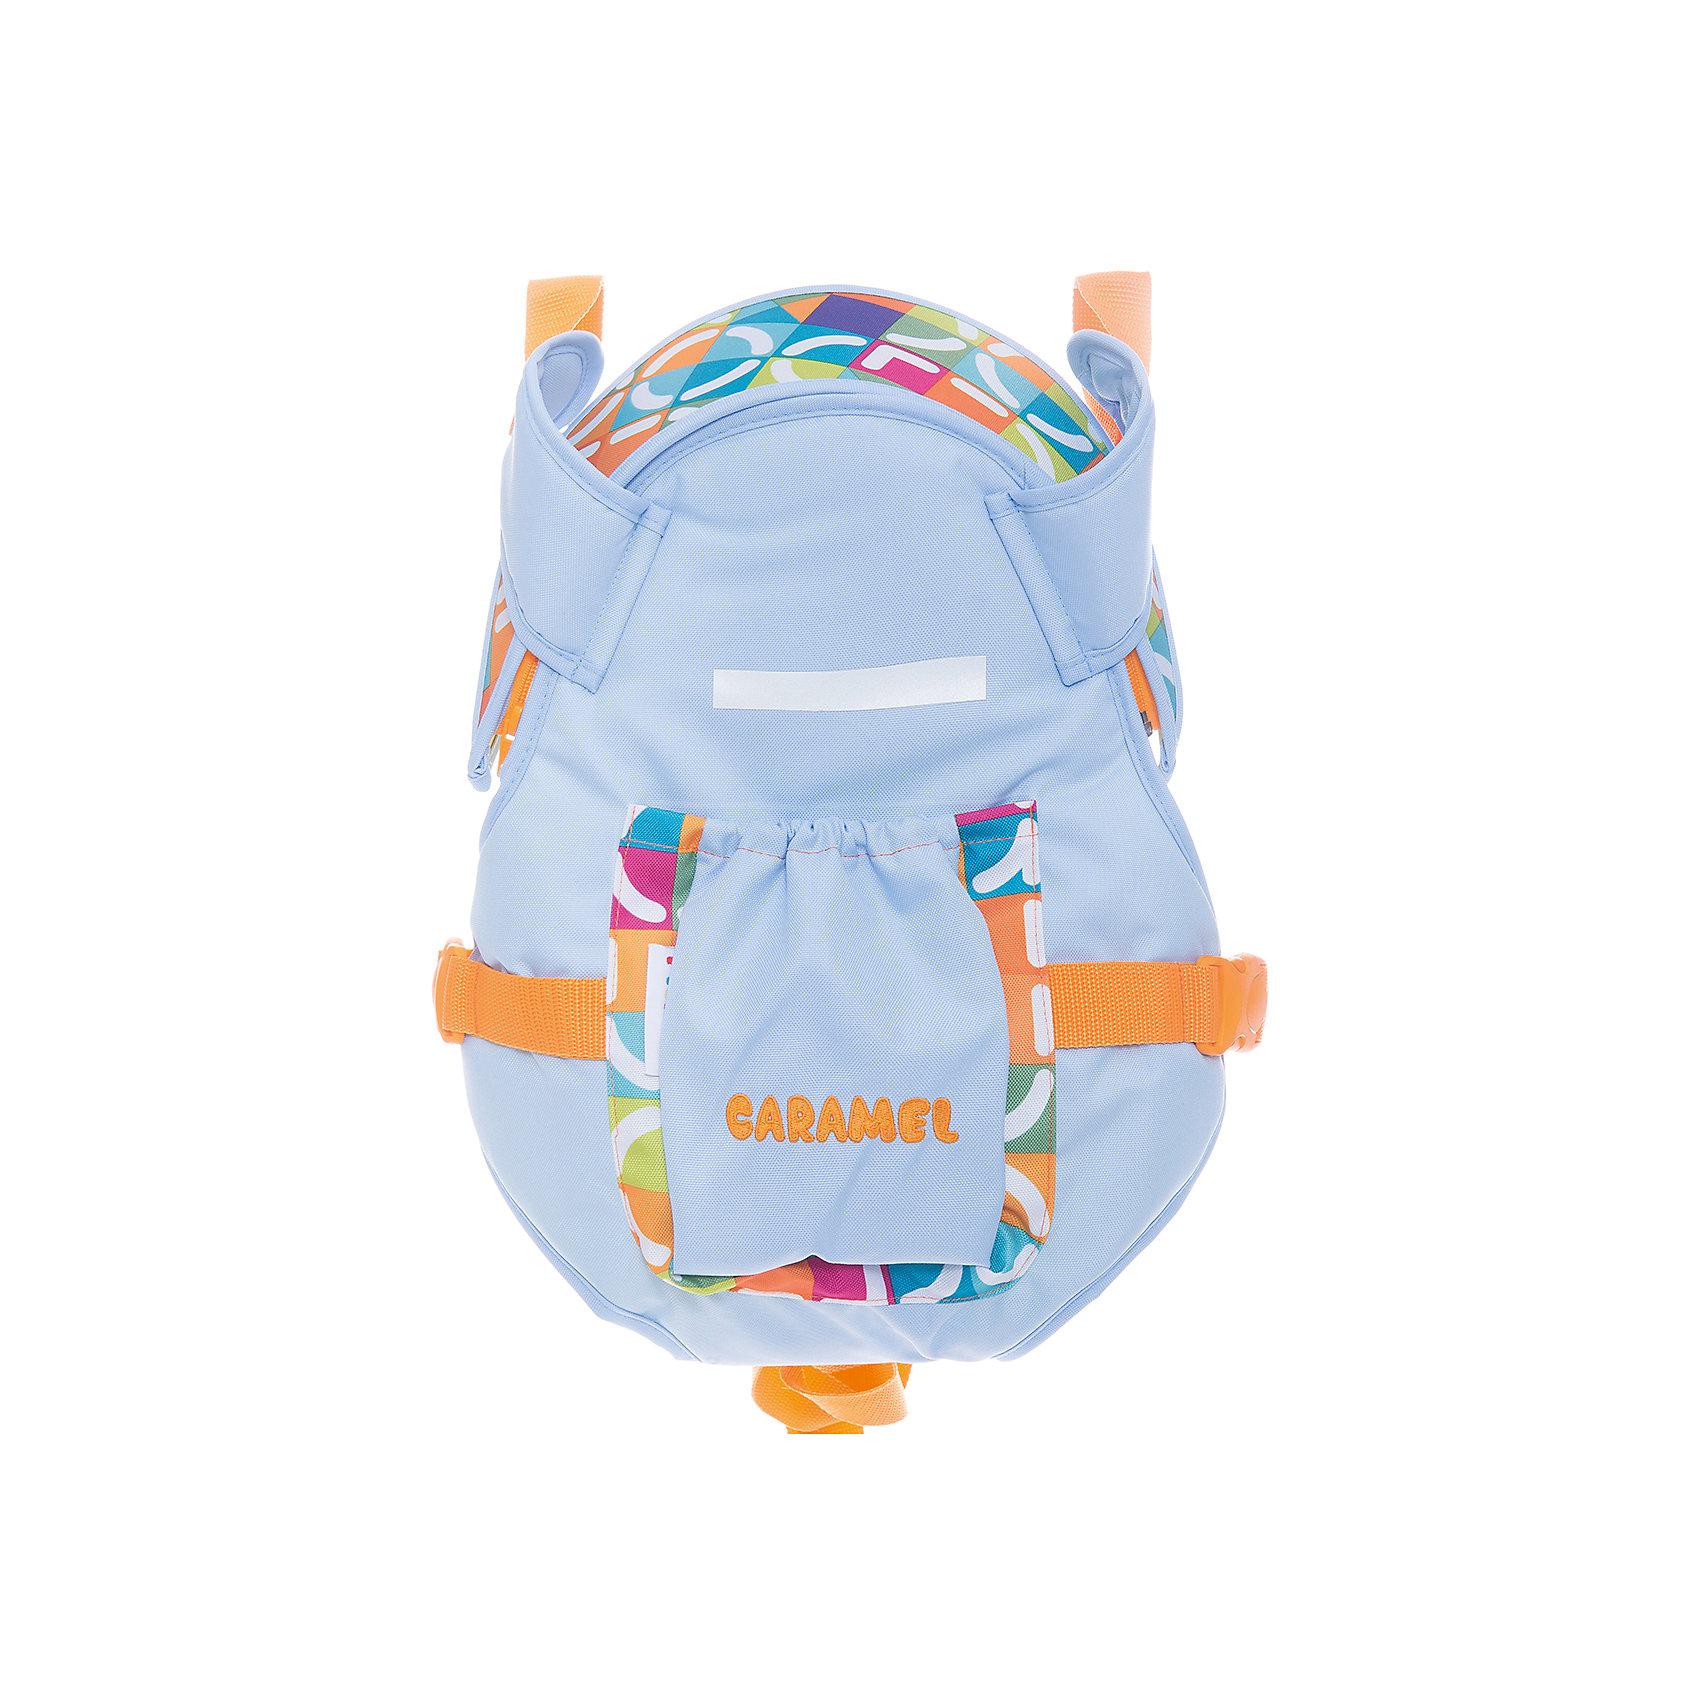 Рюкзак-кенгуру, Pituso, голубойСлинги и рюкзаки-переноски<br>Характеристики:<br><br>• жесткая спинка, которую можно снять;<br>• мягкие боковые полости;<br>• 5 вариантов использования: ребенок лицом к маме, спиной к маме, в положении «лежа»;<br>• допустимая нагрузка: до 9,5 кг;<br>• возраст ребенка: от 1 месяца до 10 месяцев;<br>• мягкие плечевые и нагрудные лямки;<br>• прочные ремни регулируются по длине;<br>• рюкзак оснащен съемным капюшоном;<br>• имеется кармашек для мелочей;<br>• дополнительные аксессуары: съемный нагрудник, держатель для пустышки;<br>• материал: полиэстер, нетоксичный и гипоаллергенный;<br>• размер упаковки: 27х34х11 см;<br>• вес: 700 г.<br><br>Рюкзак-переноска для деток с первого месяца жизни оснащен надежной системой креплений. Ремни регулируются по всем направлениям, ребенок защищен как в положении «лицом к маме», так и в положении «спиной к маме». Нет необходимости дополнительно придерживать ребенка, руки мамочки остаются свободными. Равномерное распределение нагрузки снижает болевые ощущения в спине, поясничном, шейном и грудном отделах. Рюкзак-кенгуру можно использовать до 10-12 месяцев, при условии, что вес ребенка не превышает 9,5 кг.  <br><br>Рюкзак-кенгуру, Pituso, голубой можно купить в нашем интернет-магазине.<br><br>Ширина мм: 270<br>Глубина мм: 340<br>Высота мм: 110<br>Вес г: 700<br>Возраст от месяцев: 1<br>Возраст до месяцев: 10<br>Пол: Унисекс<br>Возраст: Детский<br>SKU: 5563027